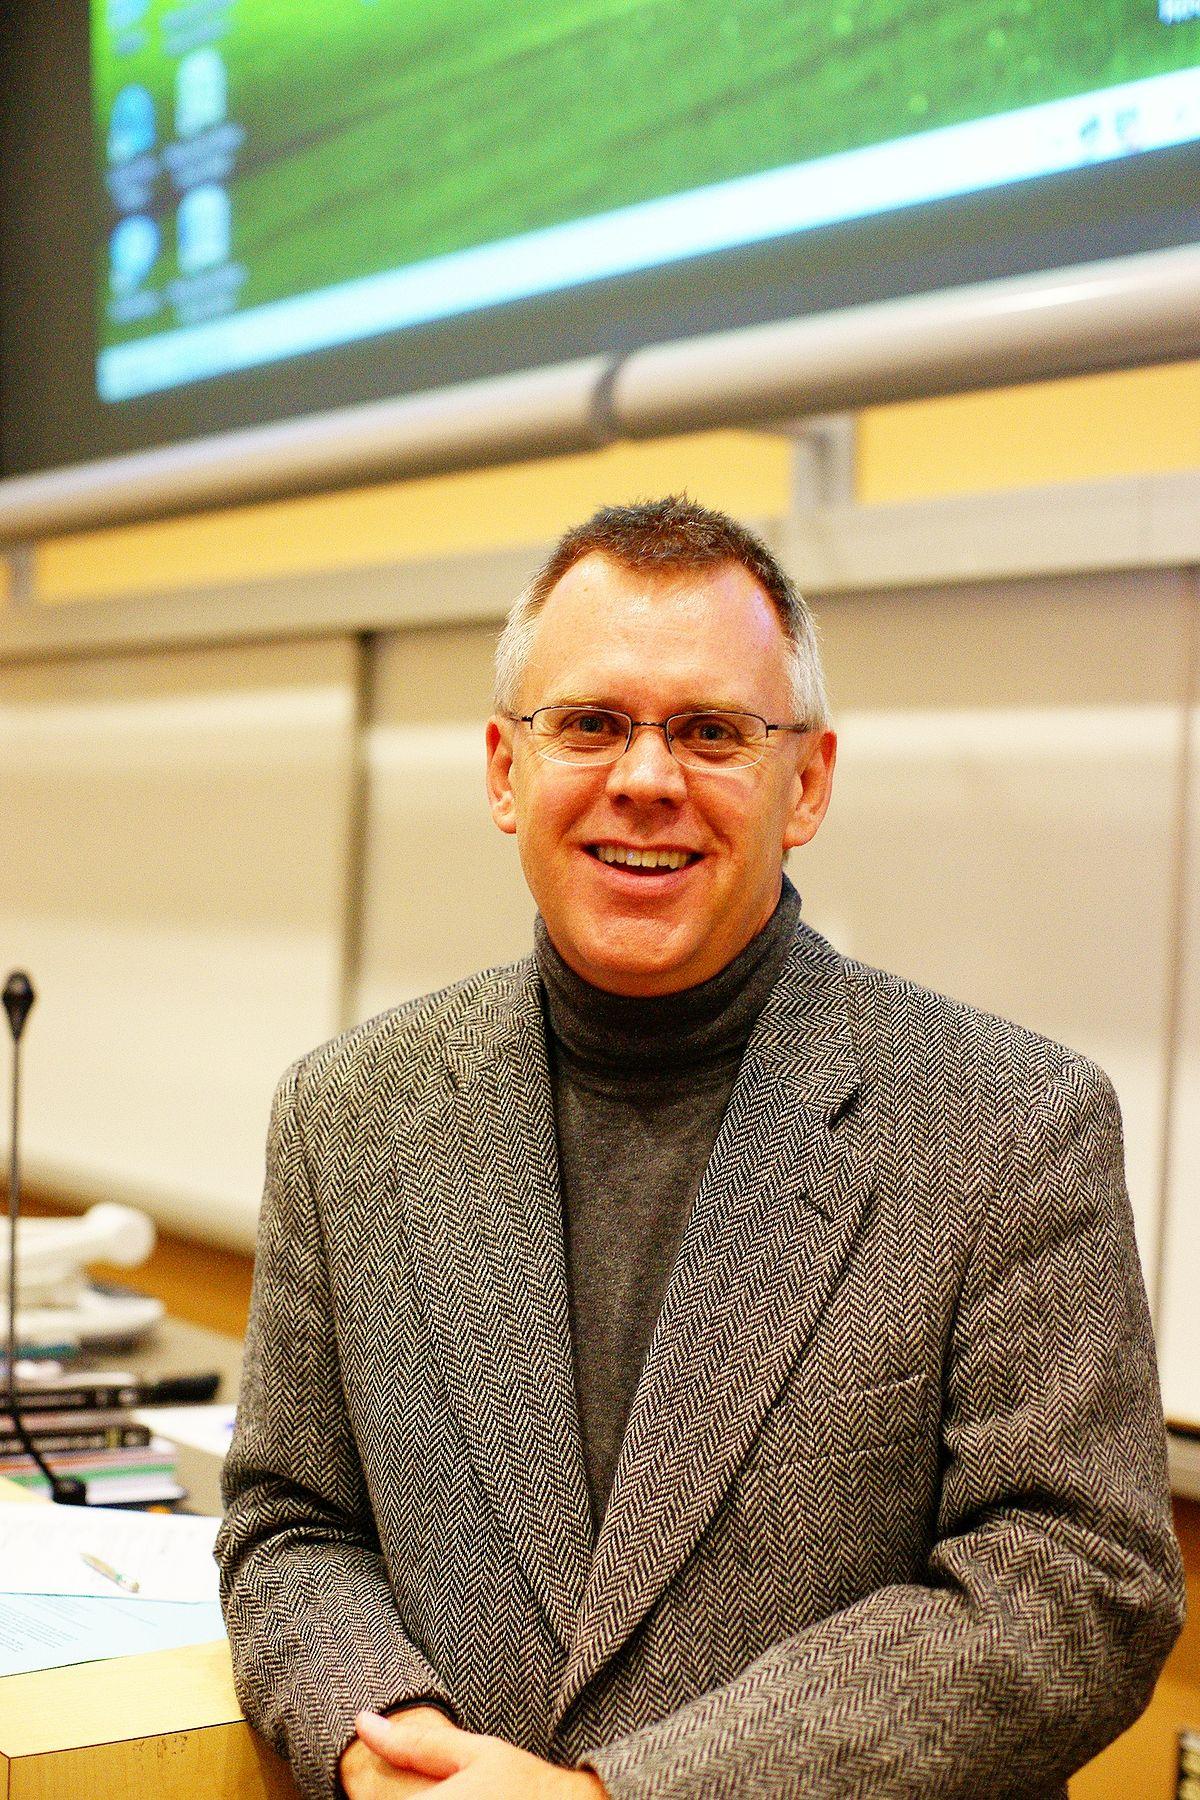 Andrew David Irvine  Wikipedia